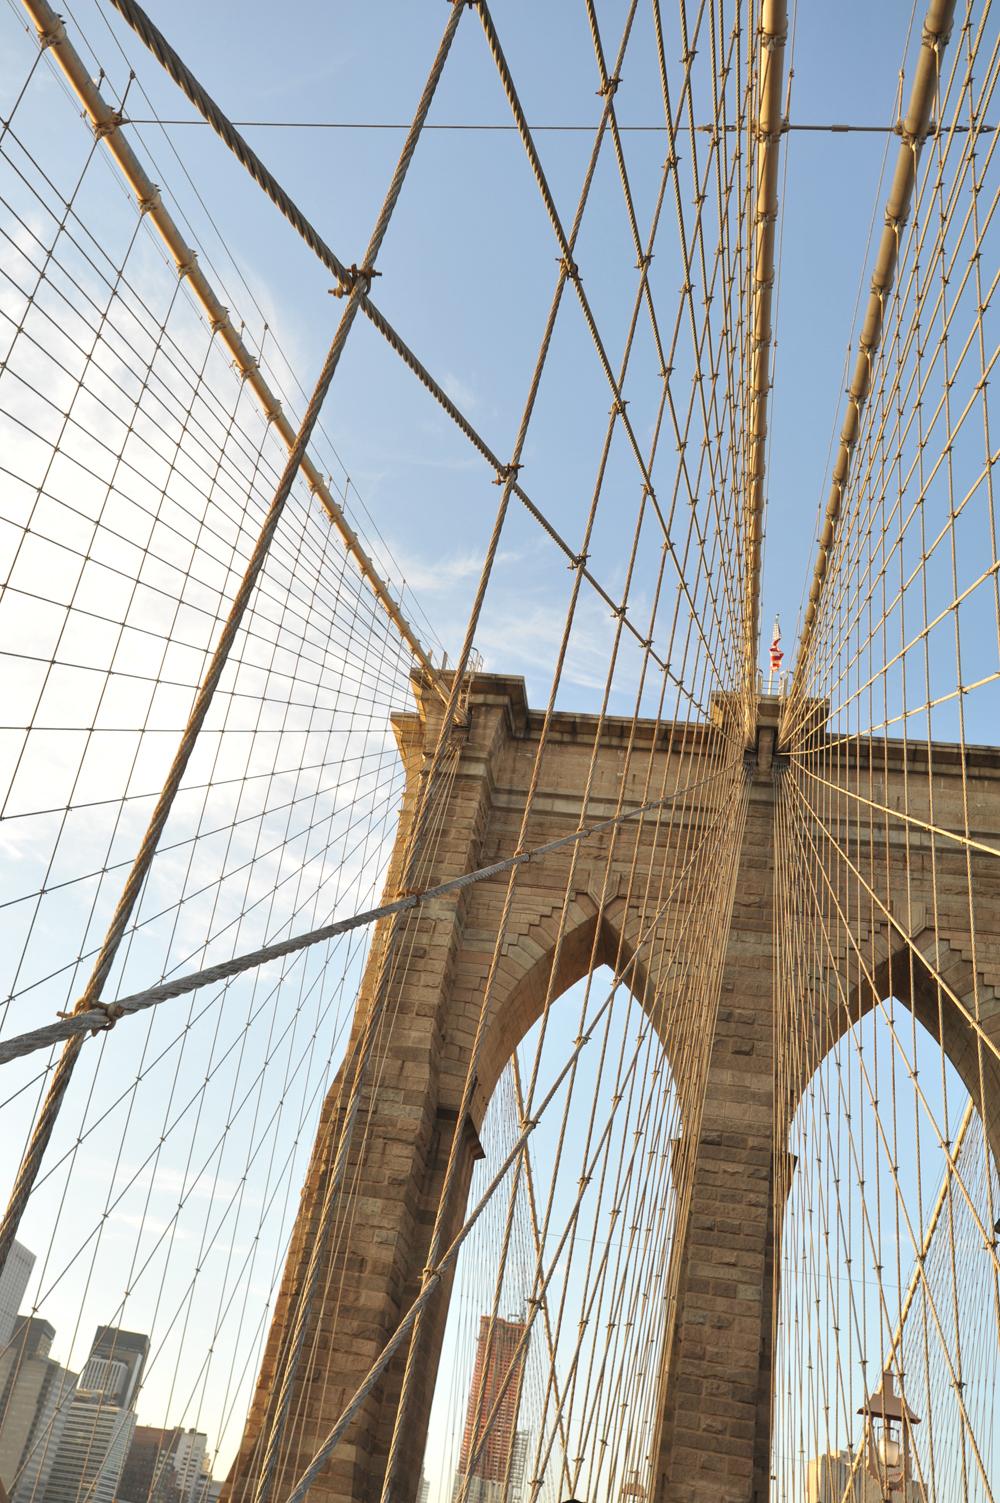 Архитектура Бруклинского моста, Нью-Йорк